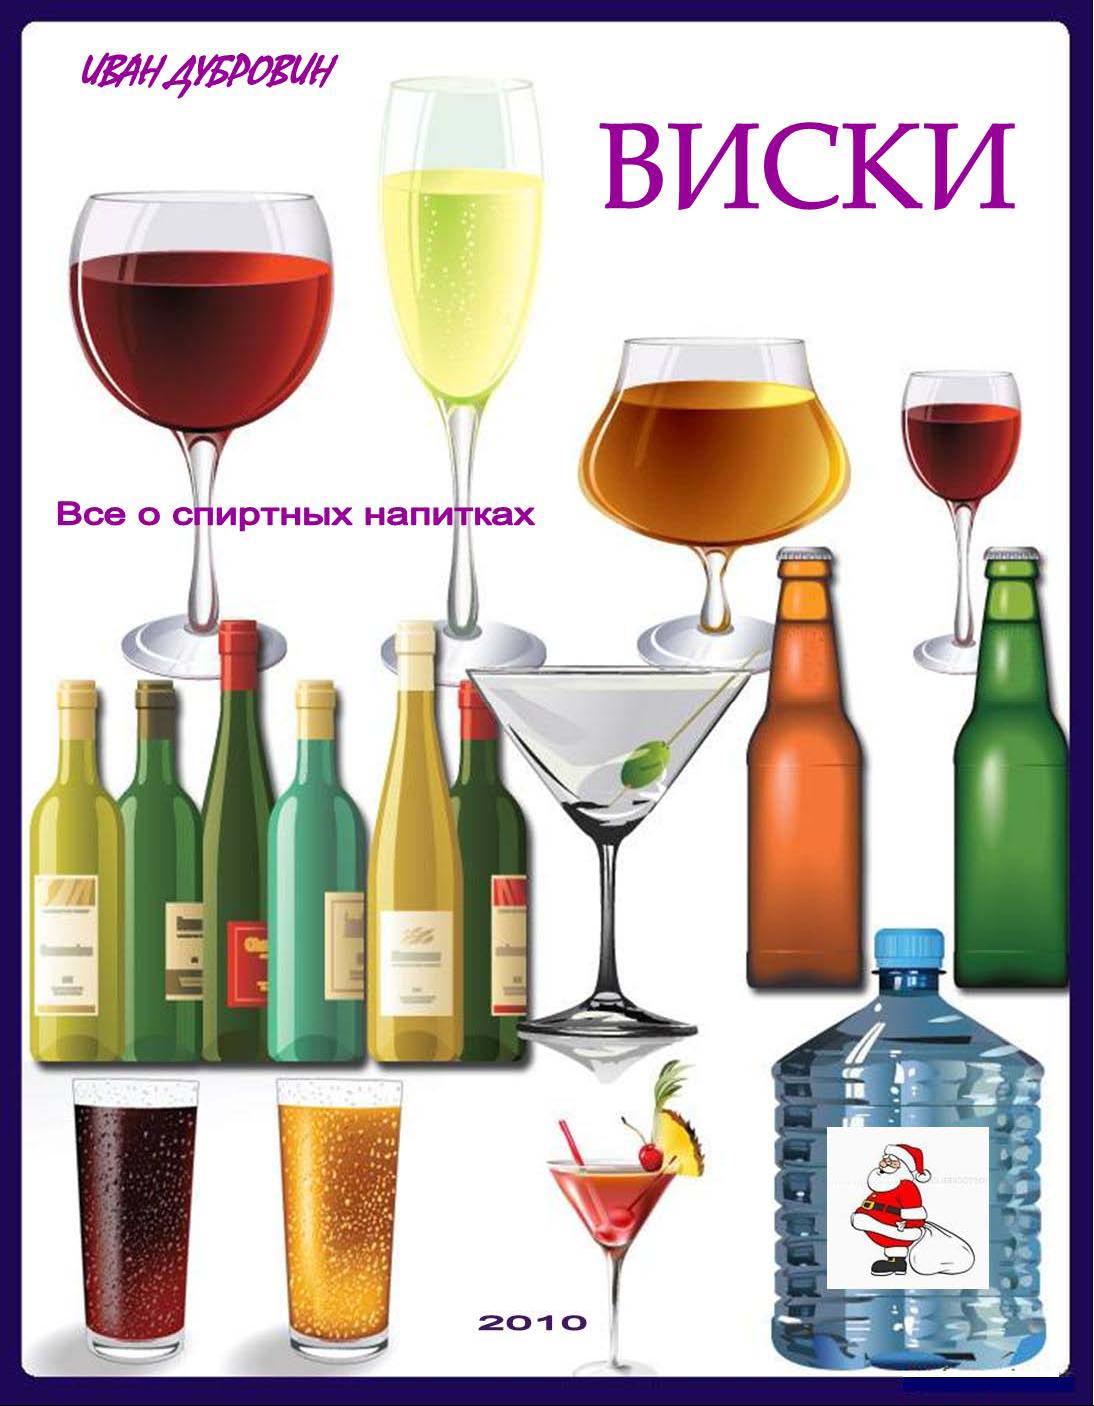 Книги про виски скачать бесплатно